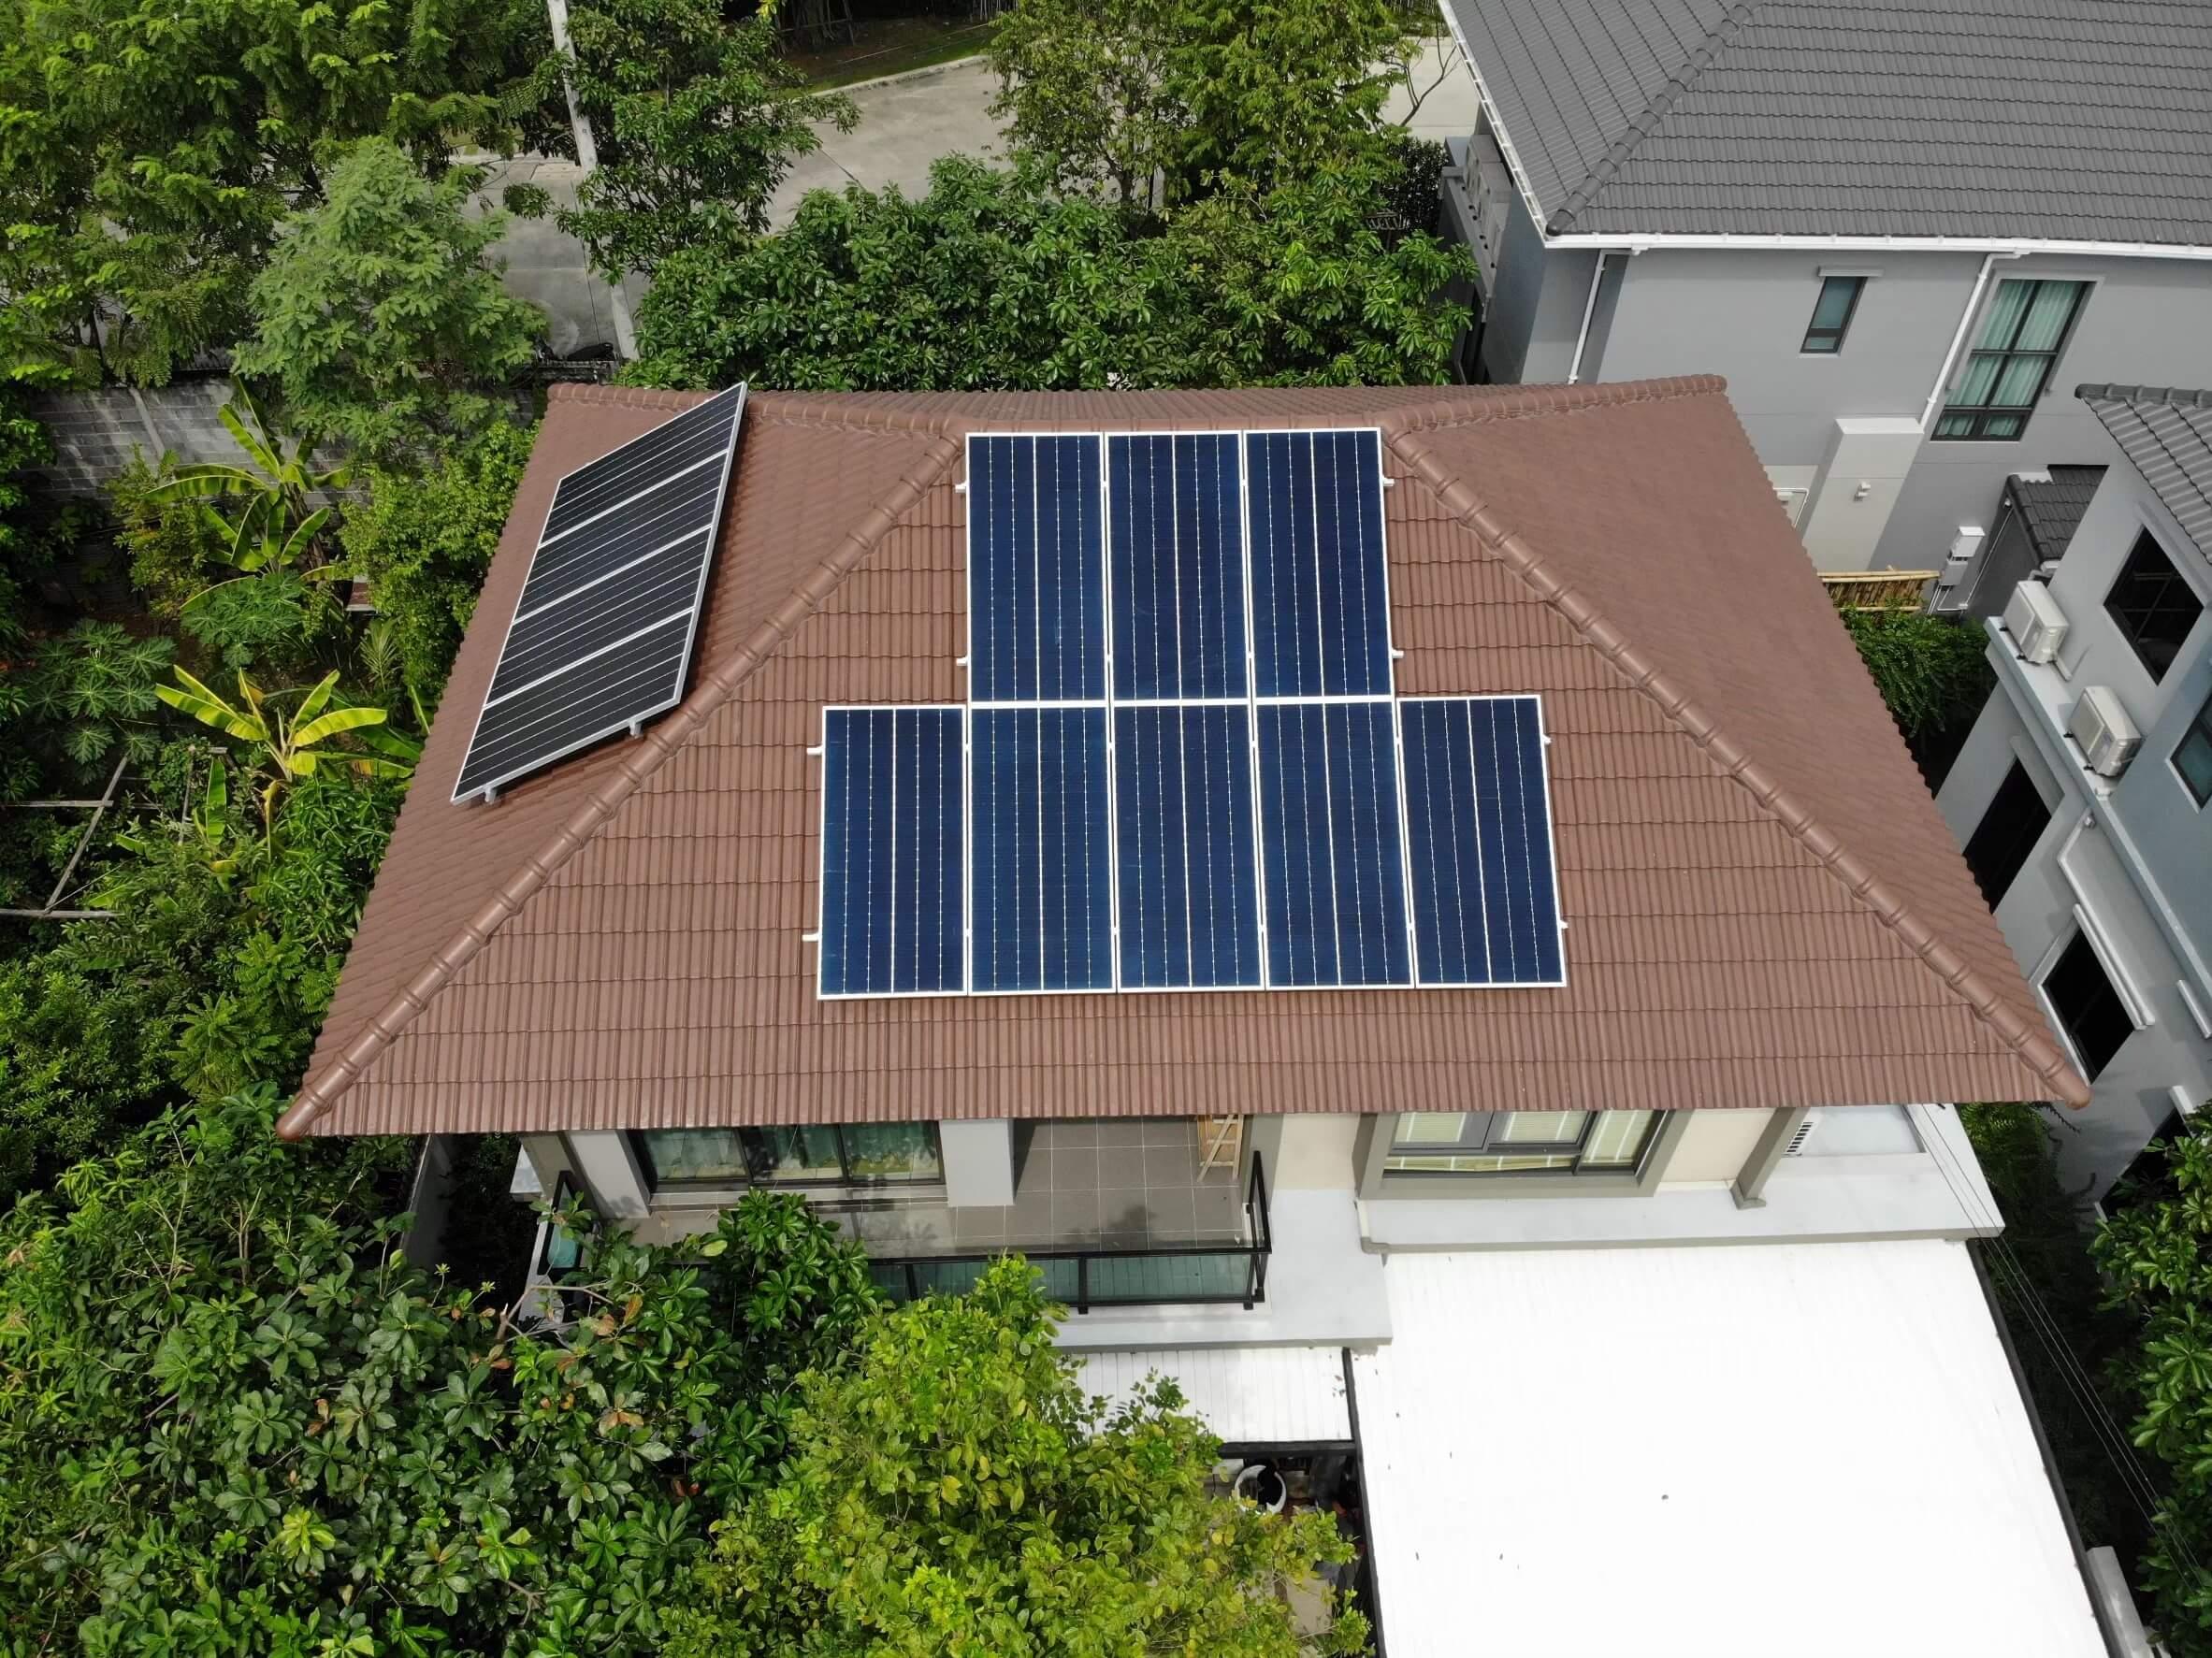 12 จุดเด่นมาพร้อม SCG Solar Roof เมื่อยักษ์ลงสนามไฟฟ้าบ้านพลังงานแสงอาทิตย์ 36 - Premium